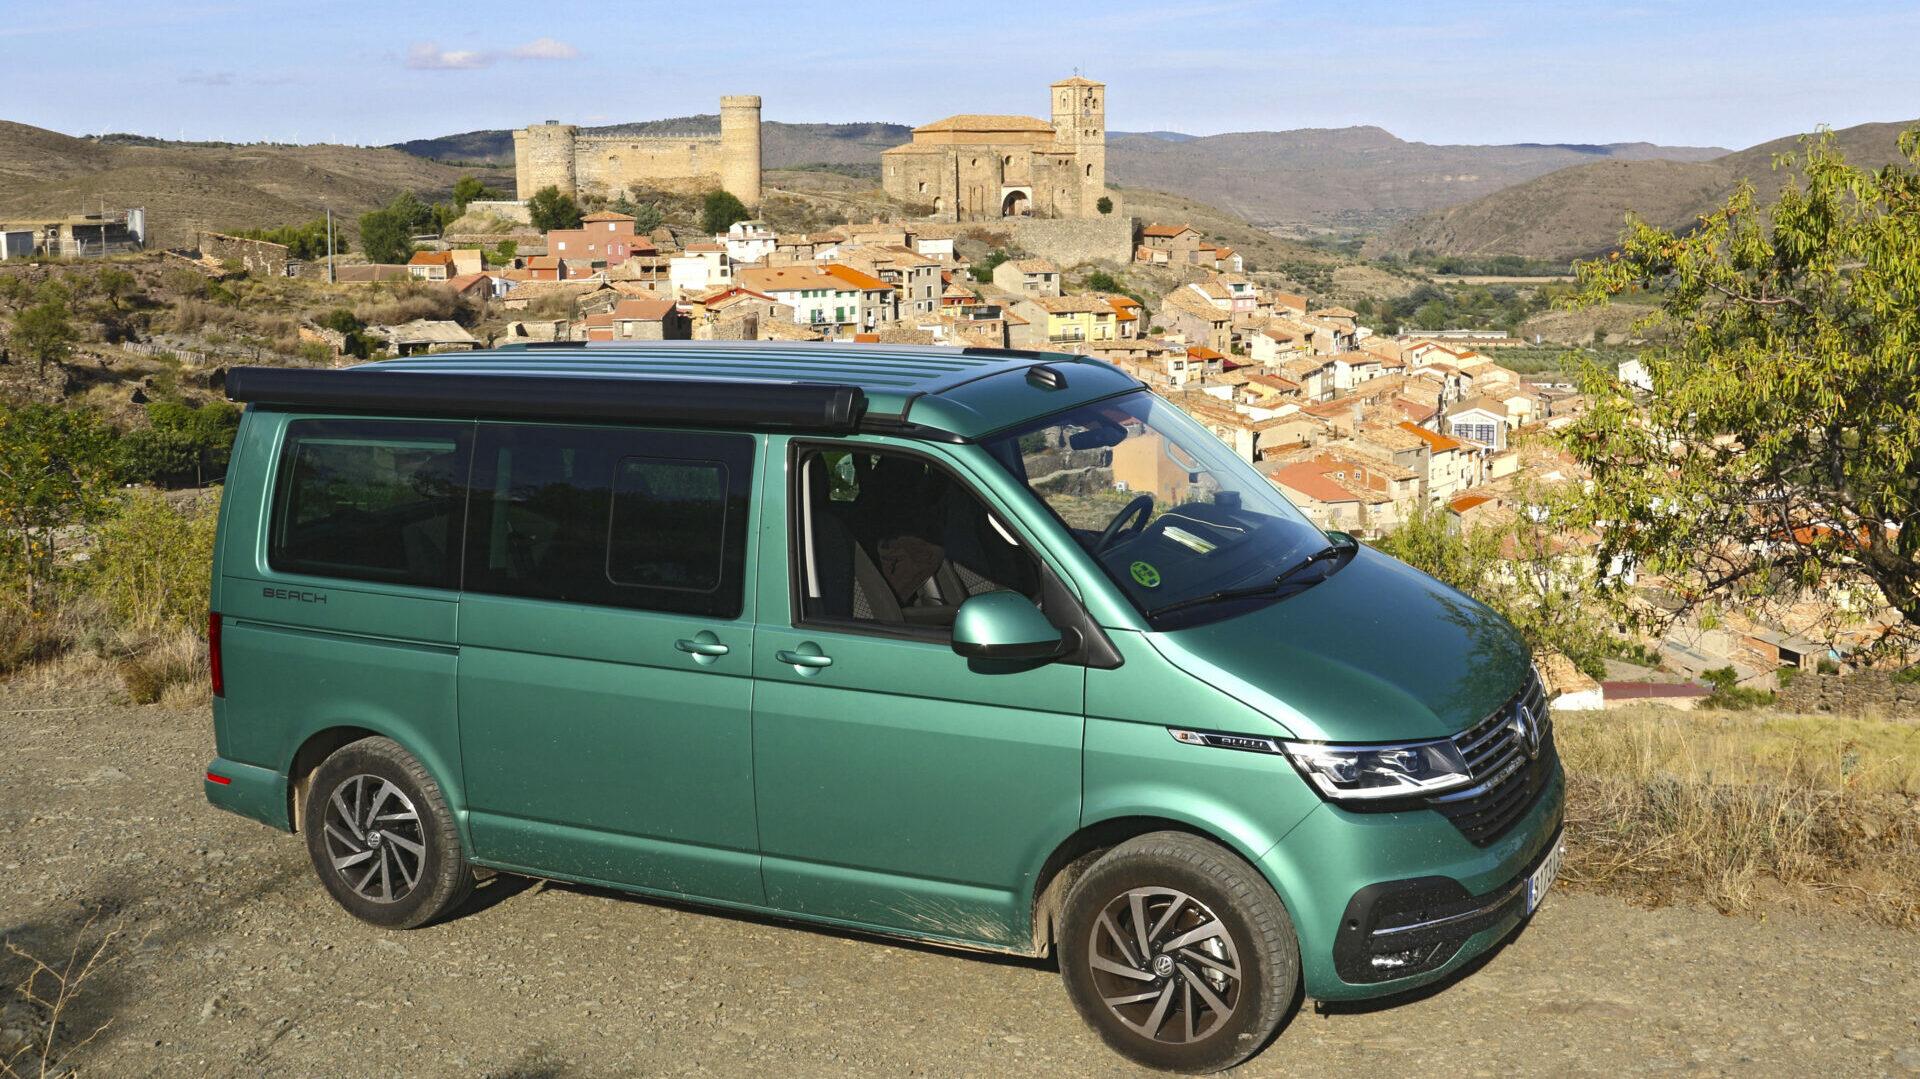 Rutas en autocaravana: La Rioja rural y jurásica